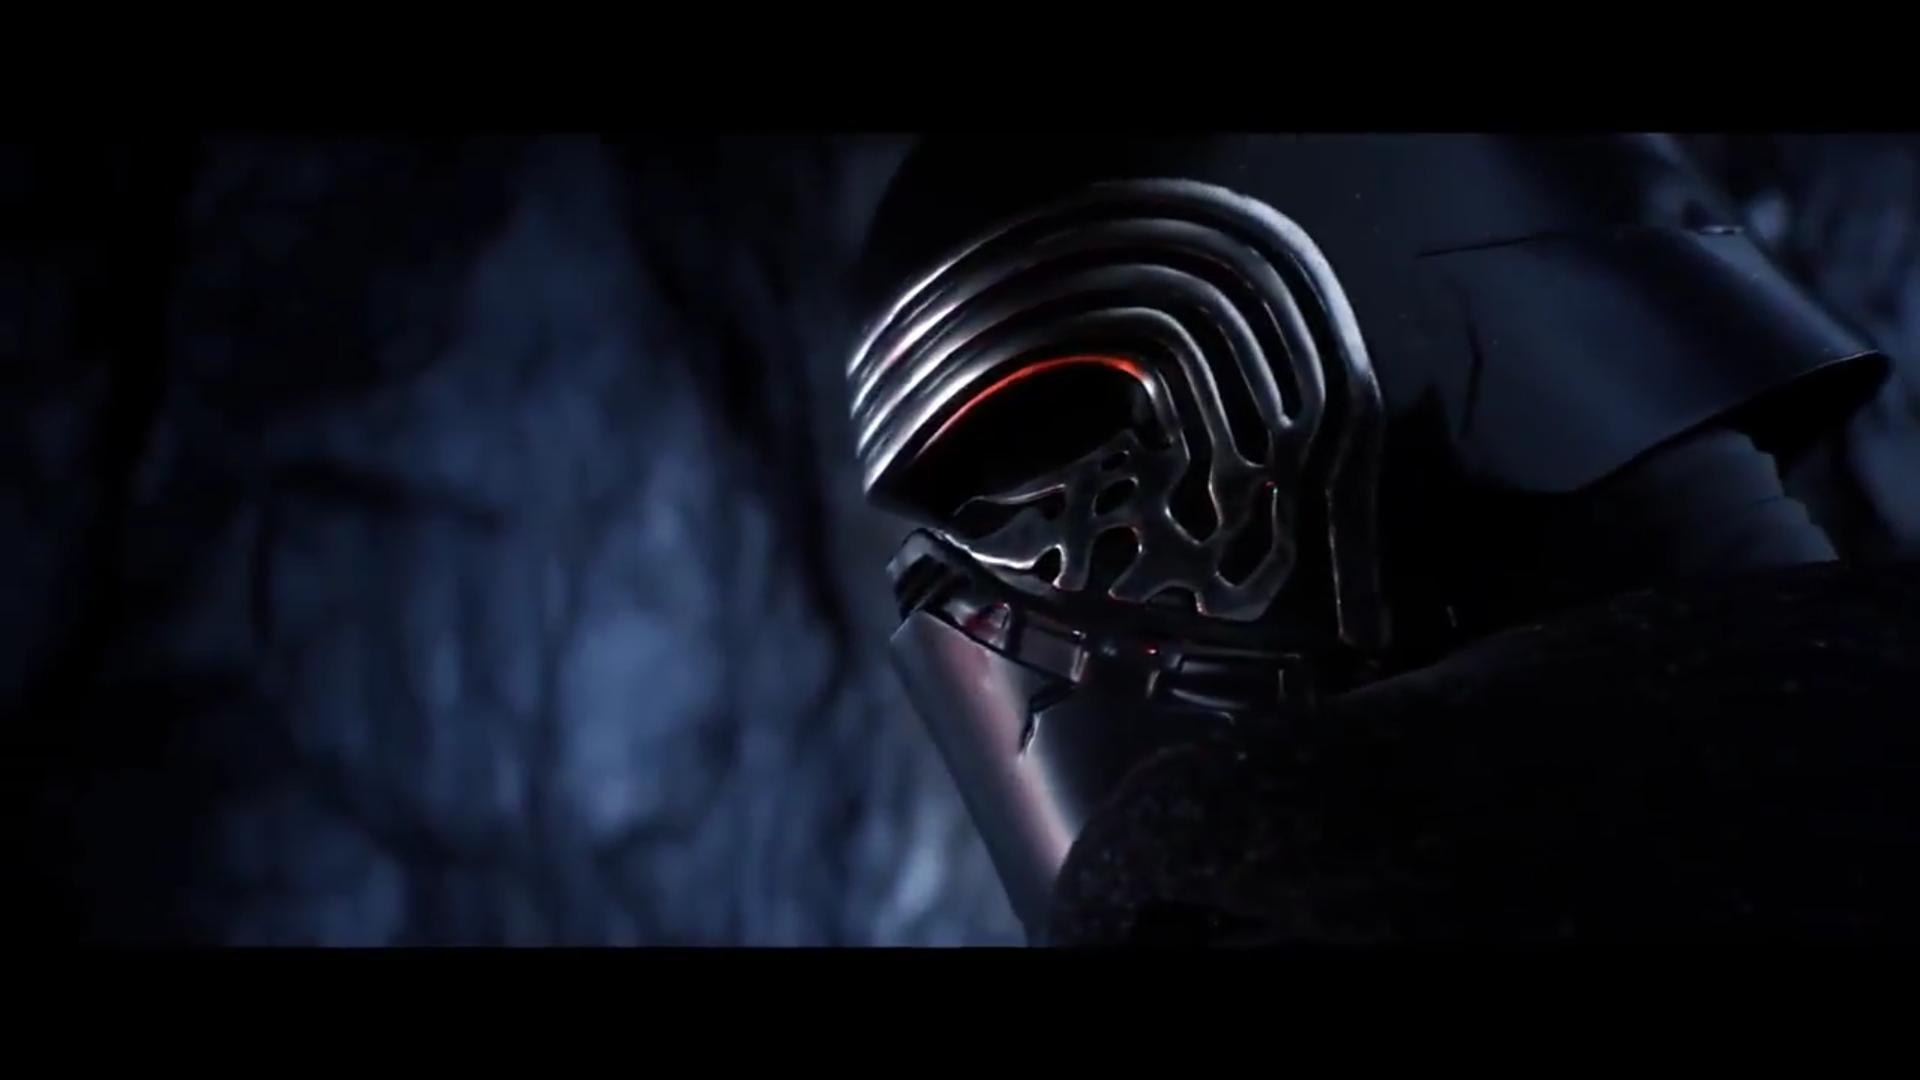 Star Wars Battlefront II Teaser Leaks Online Early 27